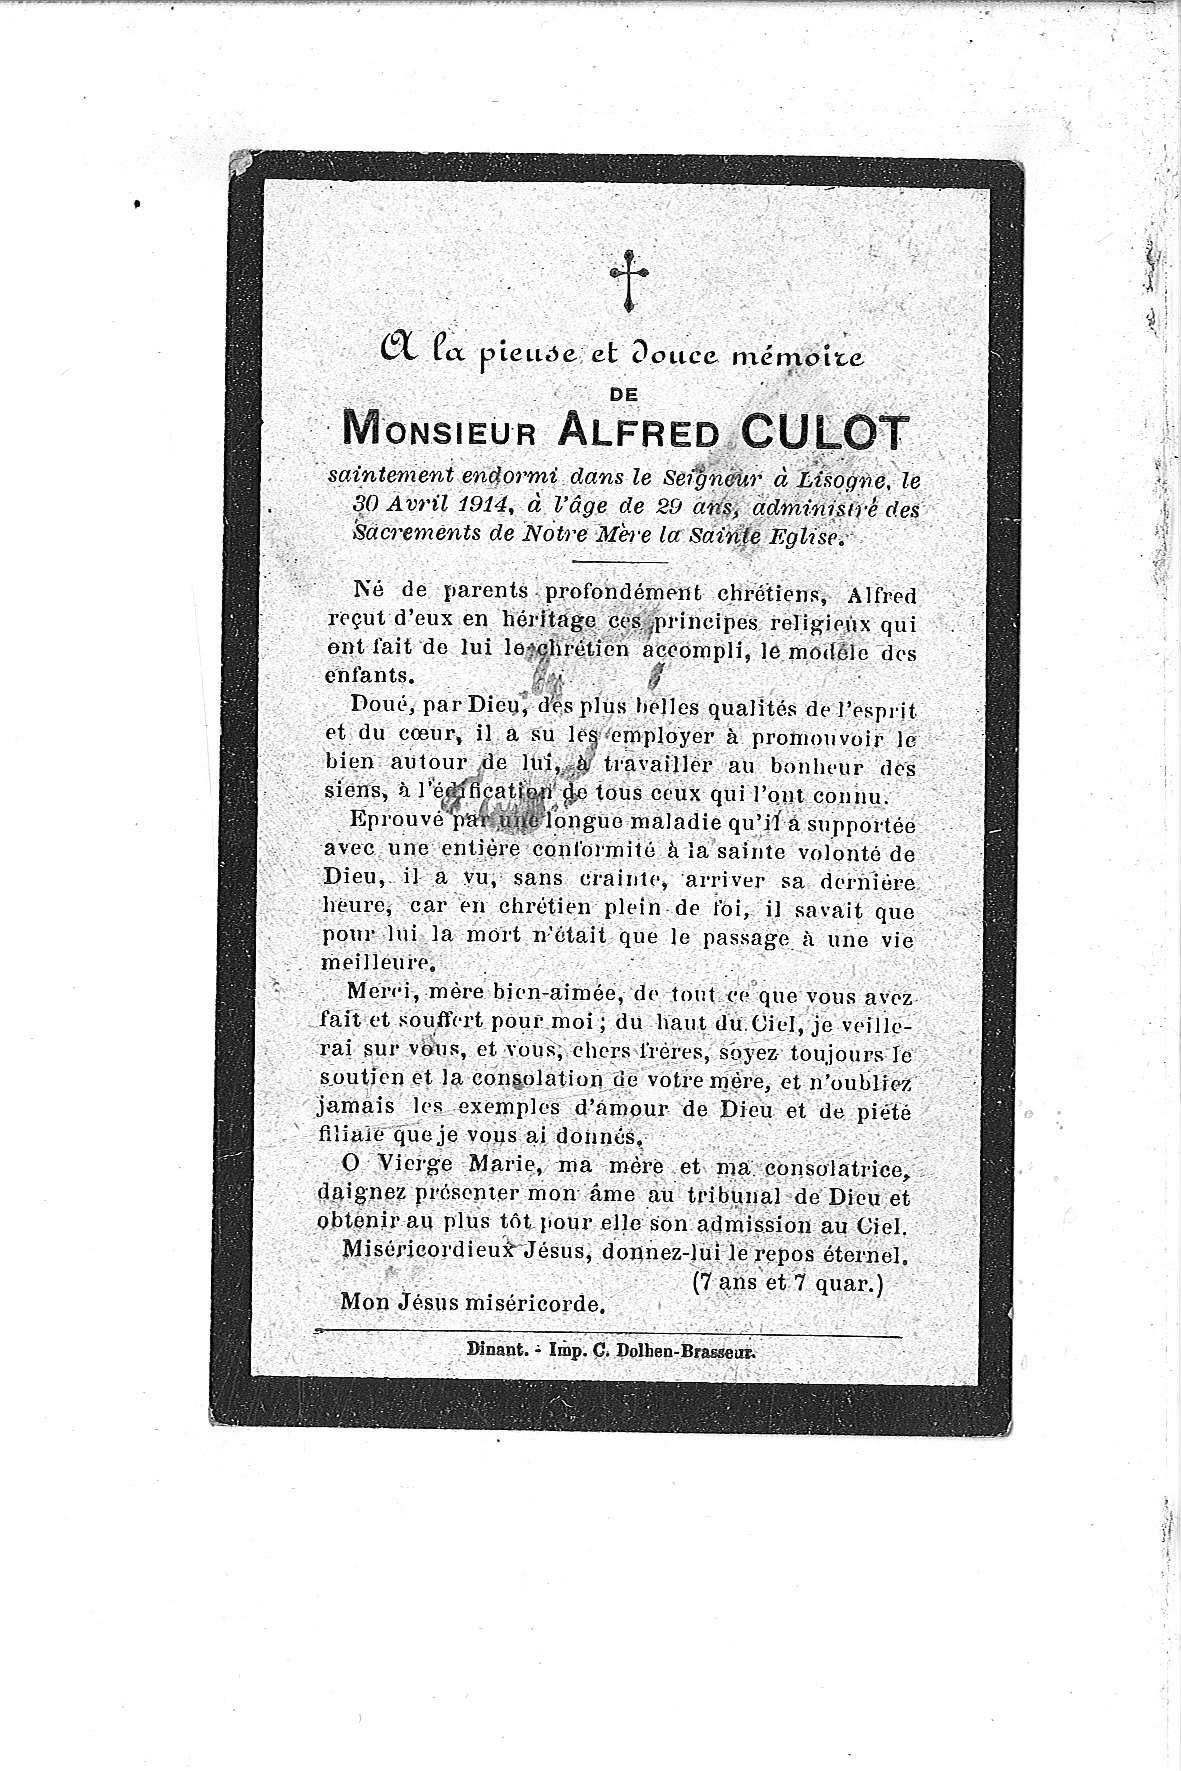 Alfred (1914) 20120117161928_00019.jpg